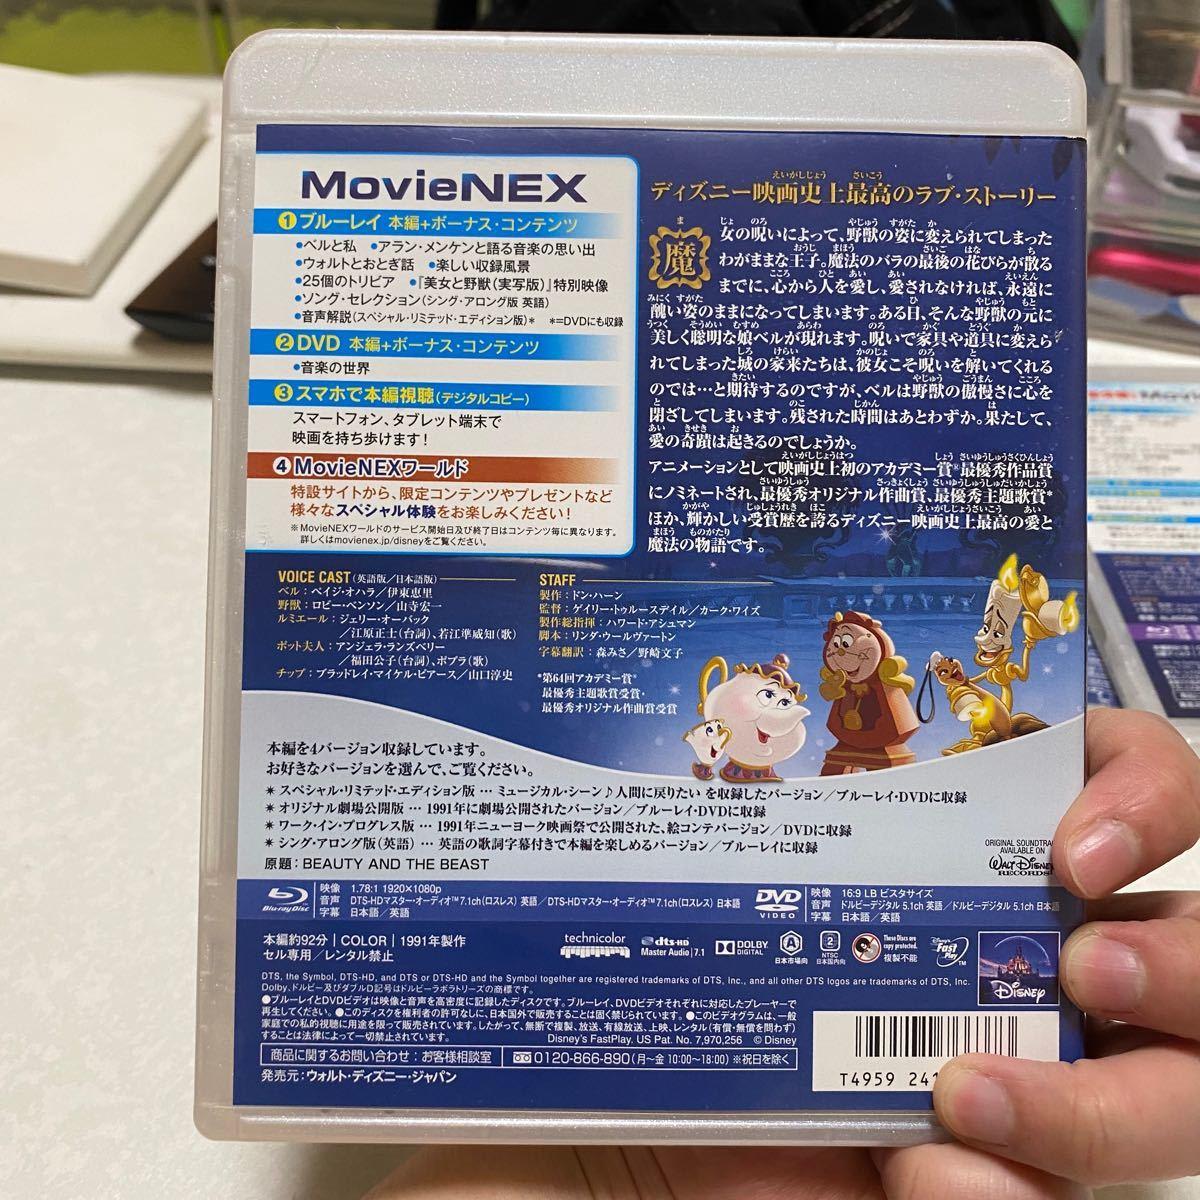 美女と野獣 DVD Blu-ray MovieNEX ディズニー